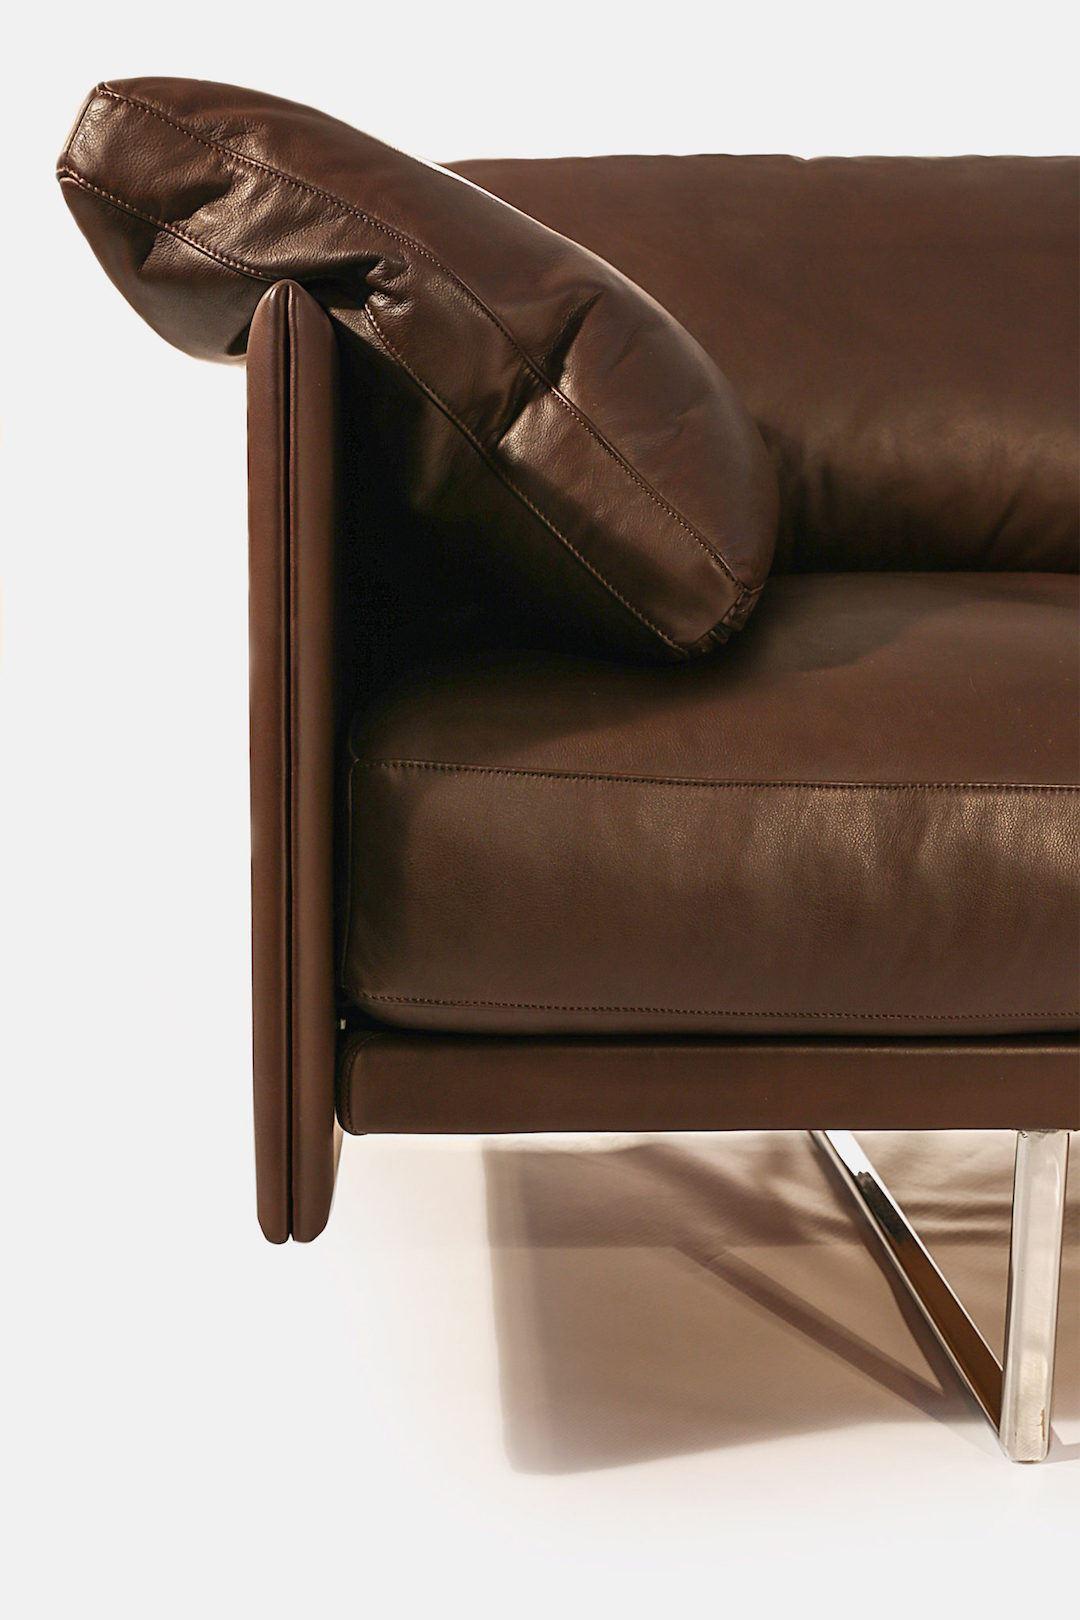 divano su misura scandaletti